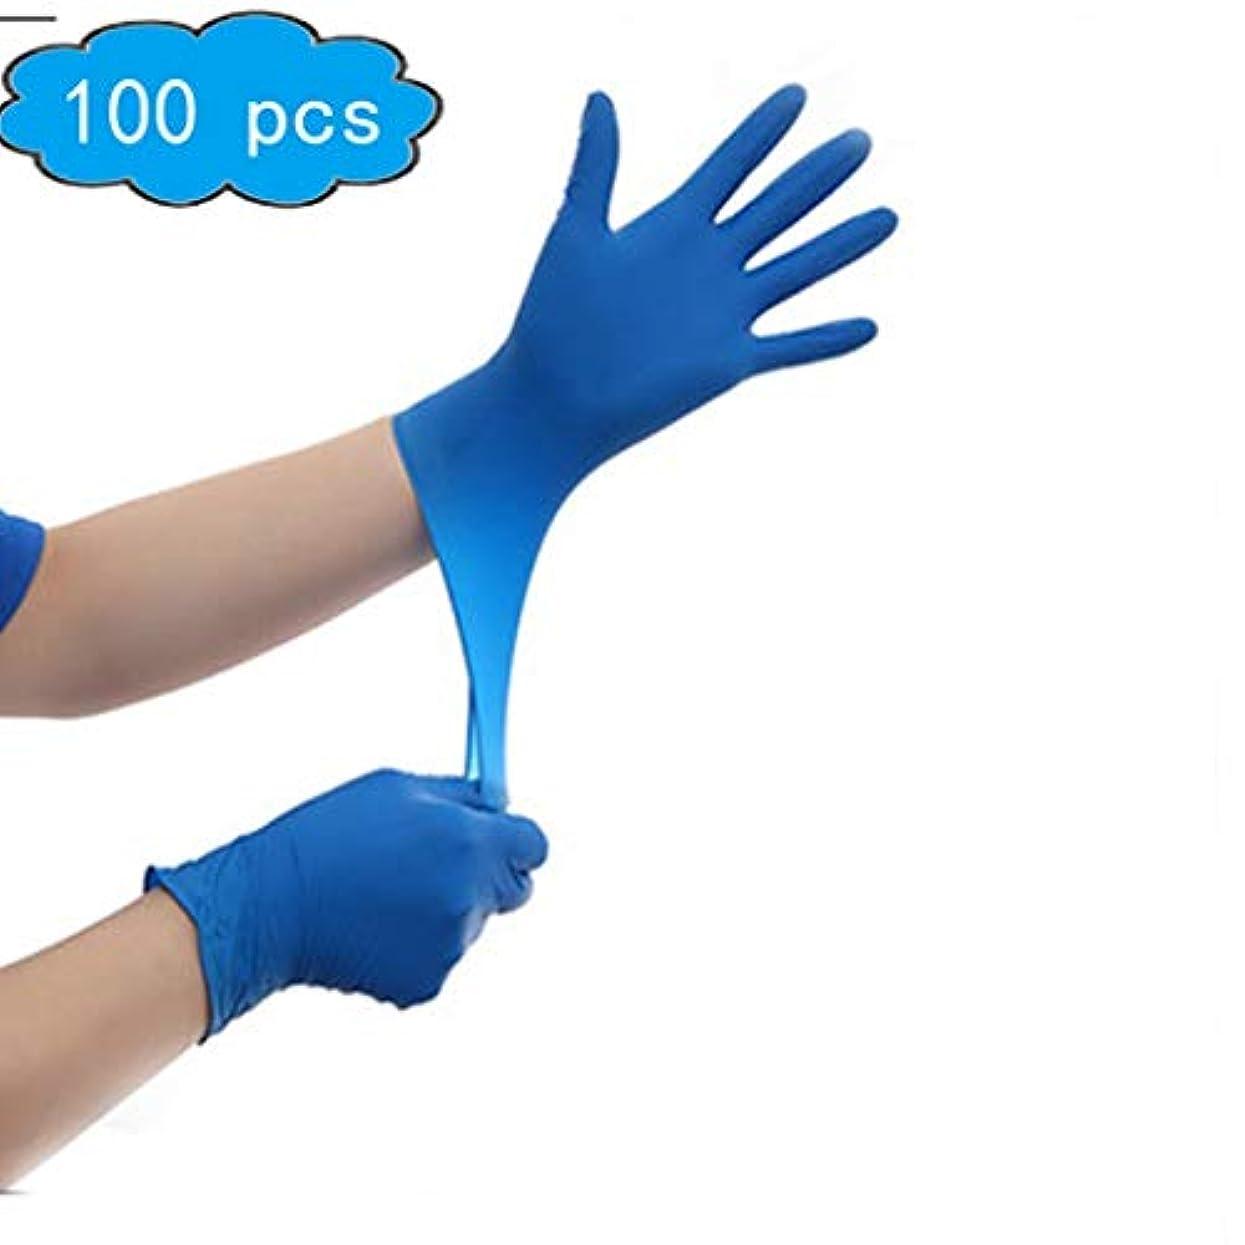 知覚できるドローサワー使い捨て丁清手袋 - テクスチャード加工、サニタリー手袋、応急処置用品、大型、100箱入り、食品ケータリング家事使い捨て手袋 (Color : Blue, Size : XS)